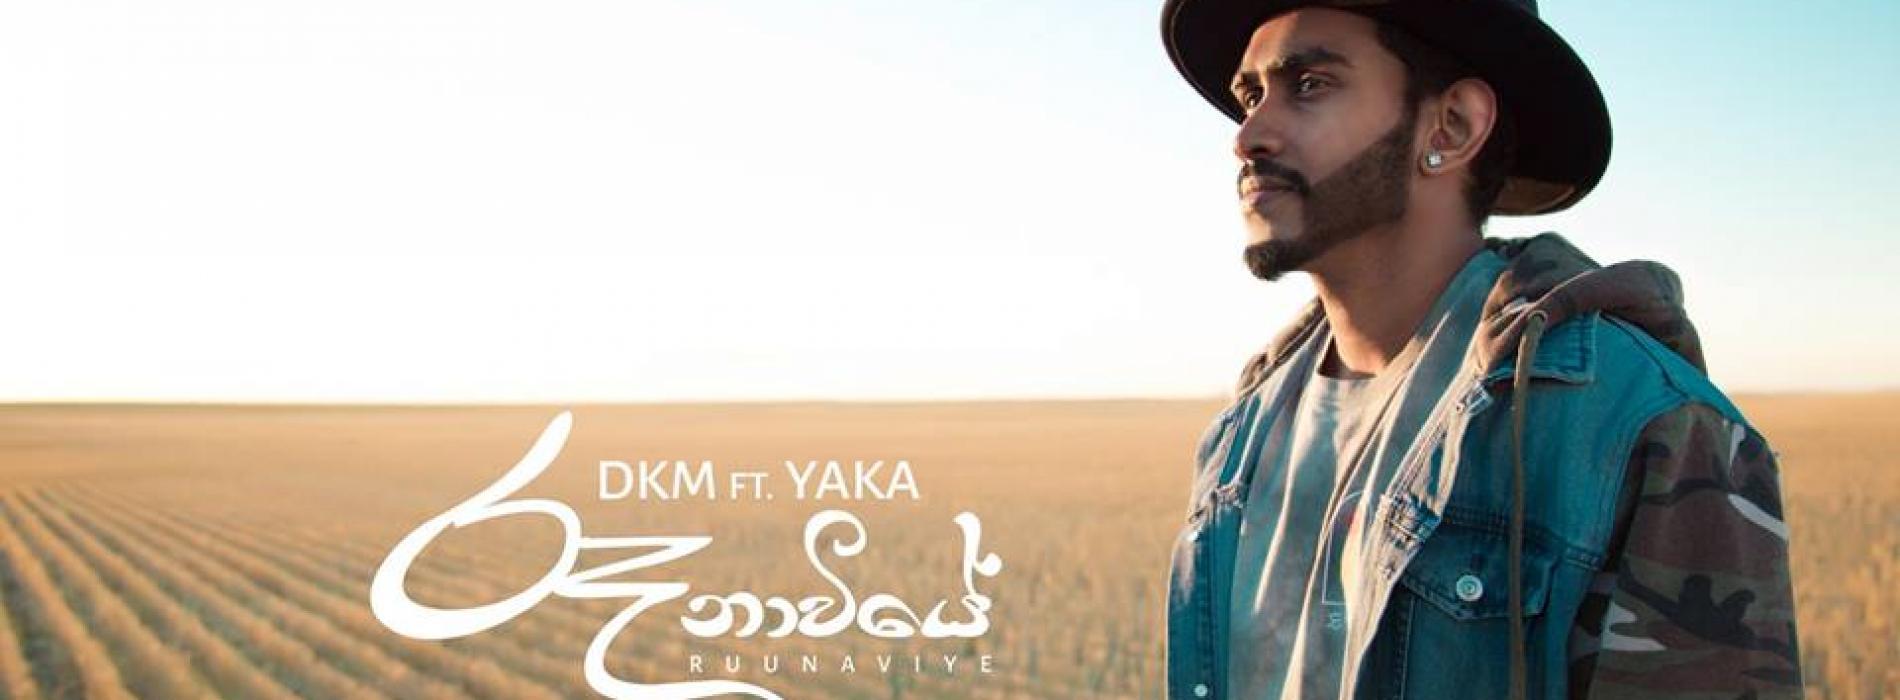 DKM Announces New Music!